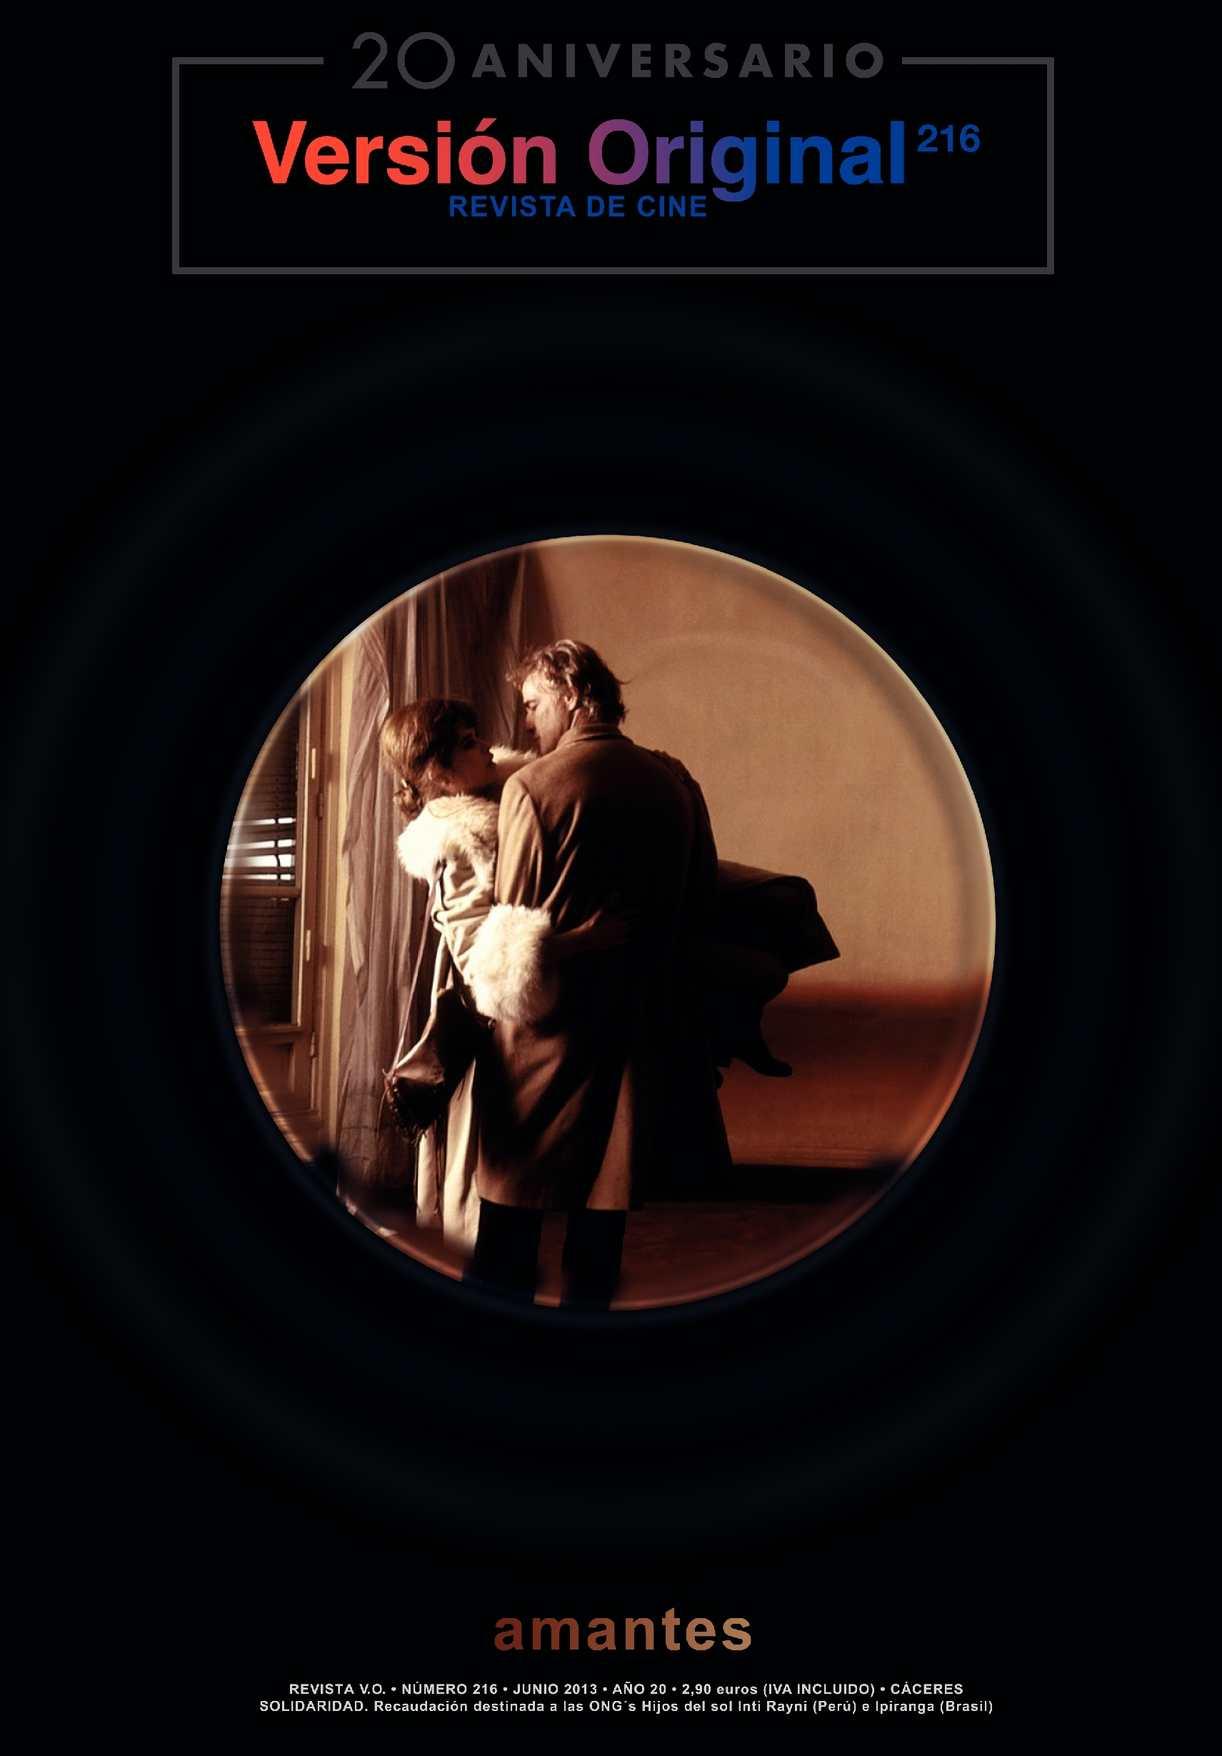 Revista de Cine Versión Original 216. Amantes